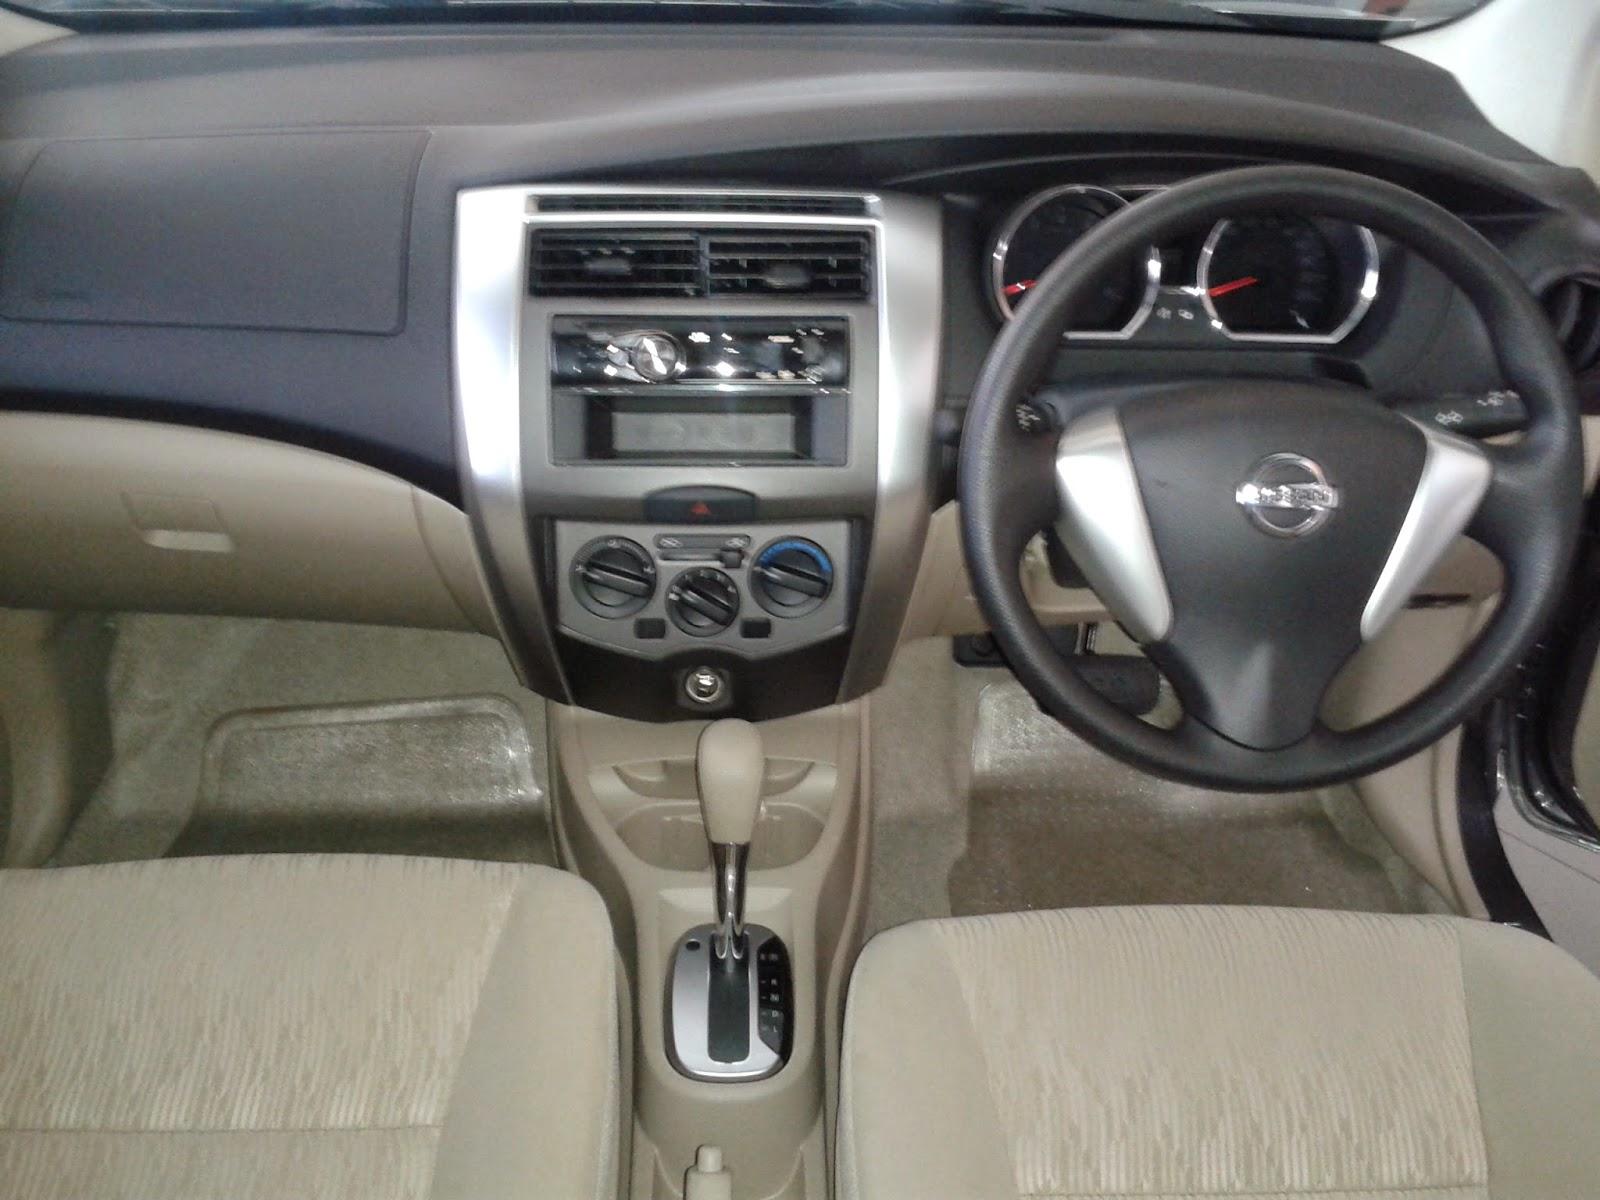 Harga Grand New Veloz 1.5 2017 Perbedaan Tipe All Kijang Innova Nissan Livina Kredit Promo Mobil